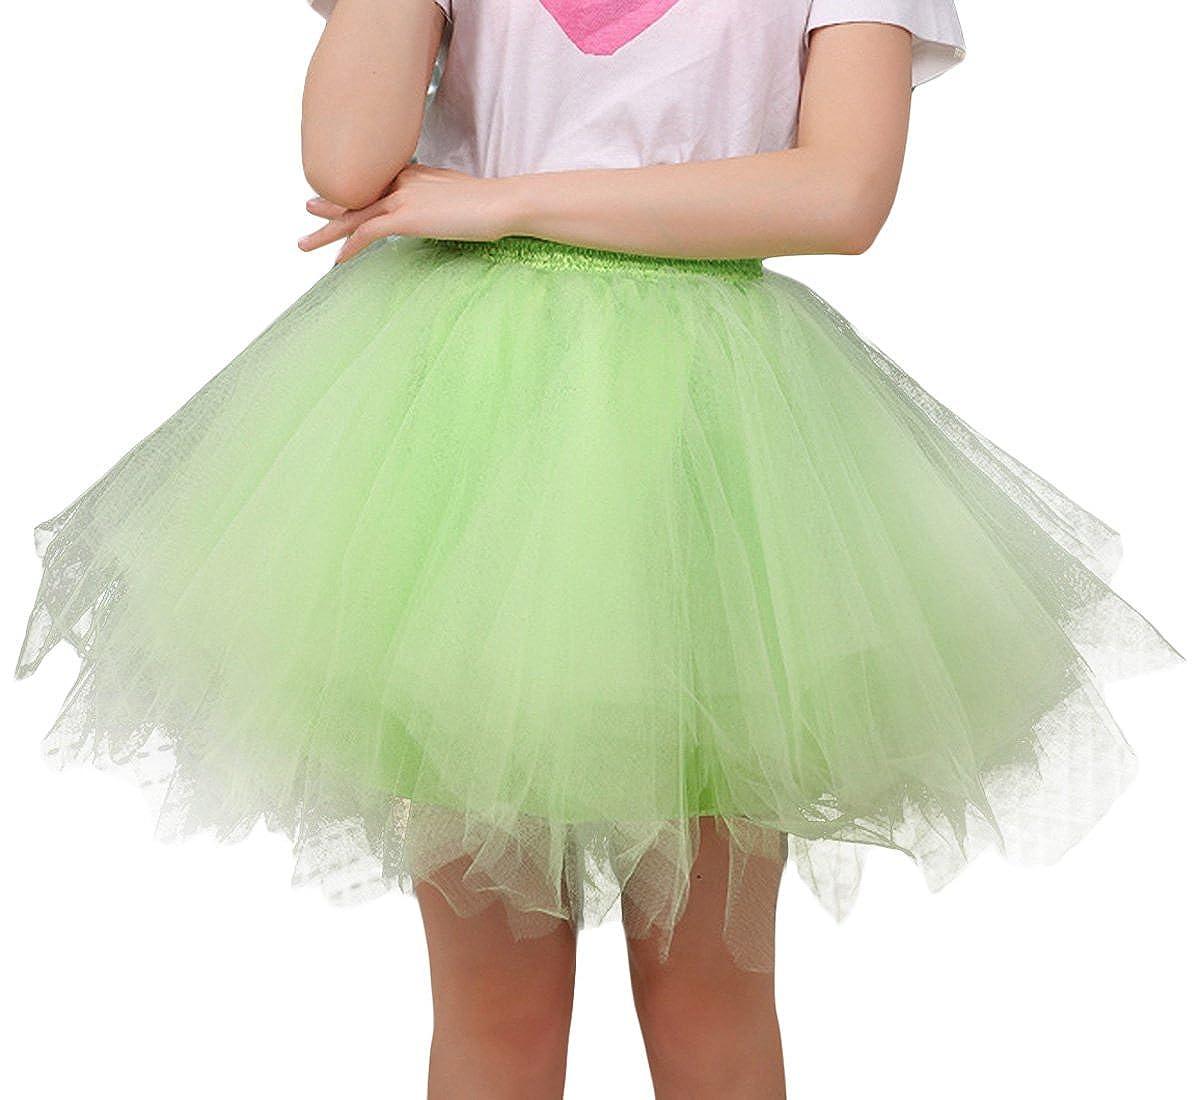 50c6afd34a FEOYA Mujer Adultos Falda de Ballet Skirt Princesas Tutú de Tul para Baile  Disfraces Fotografía Fiesta Despedida de Soltera Talla Única 19 Colores a  Elegir